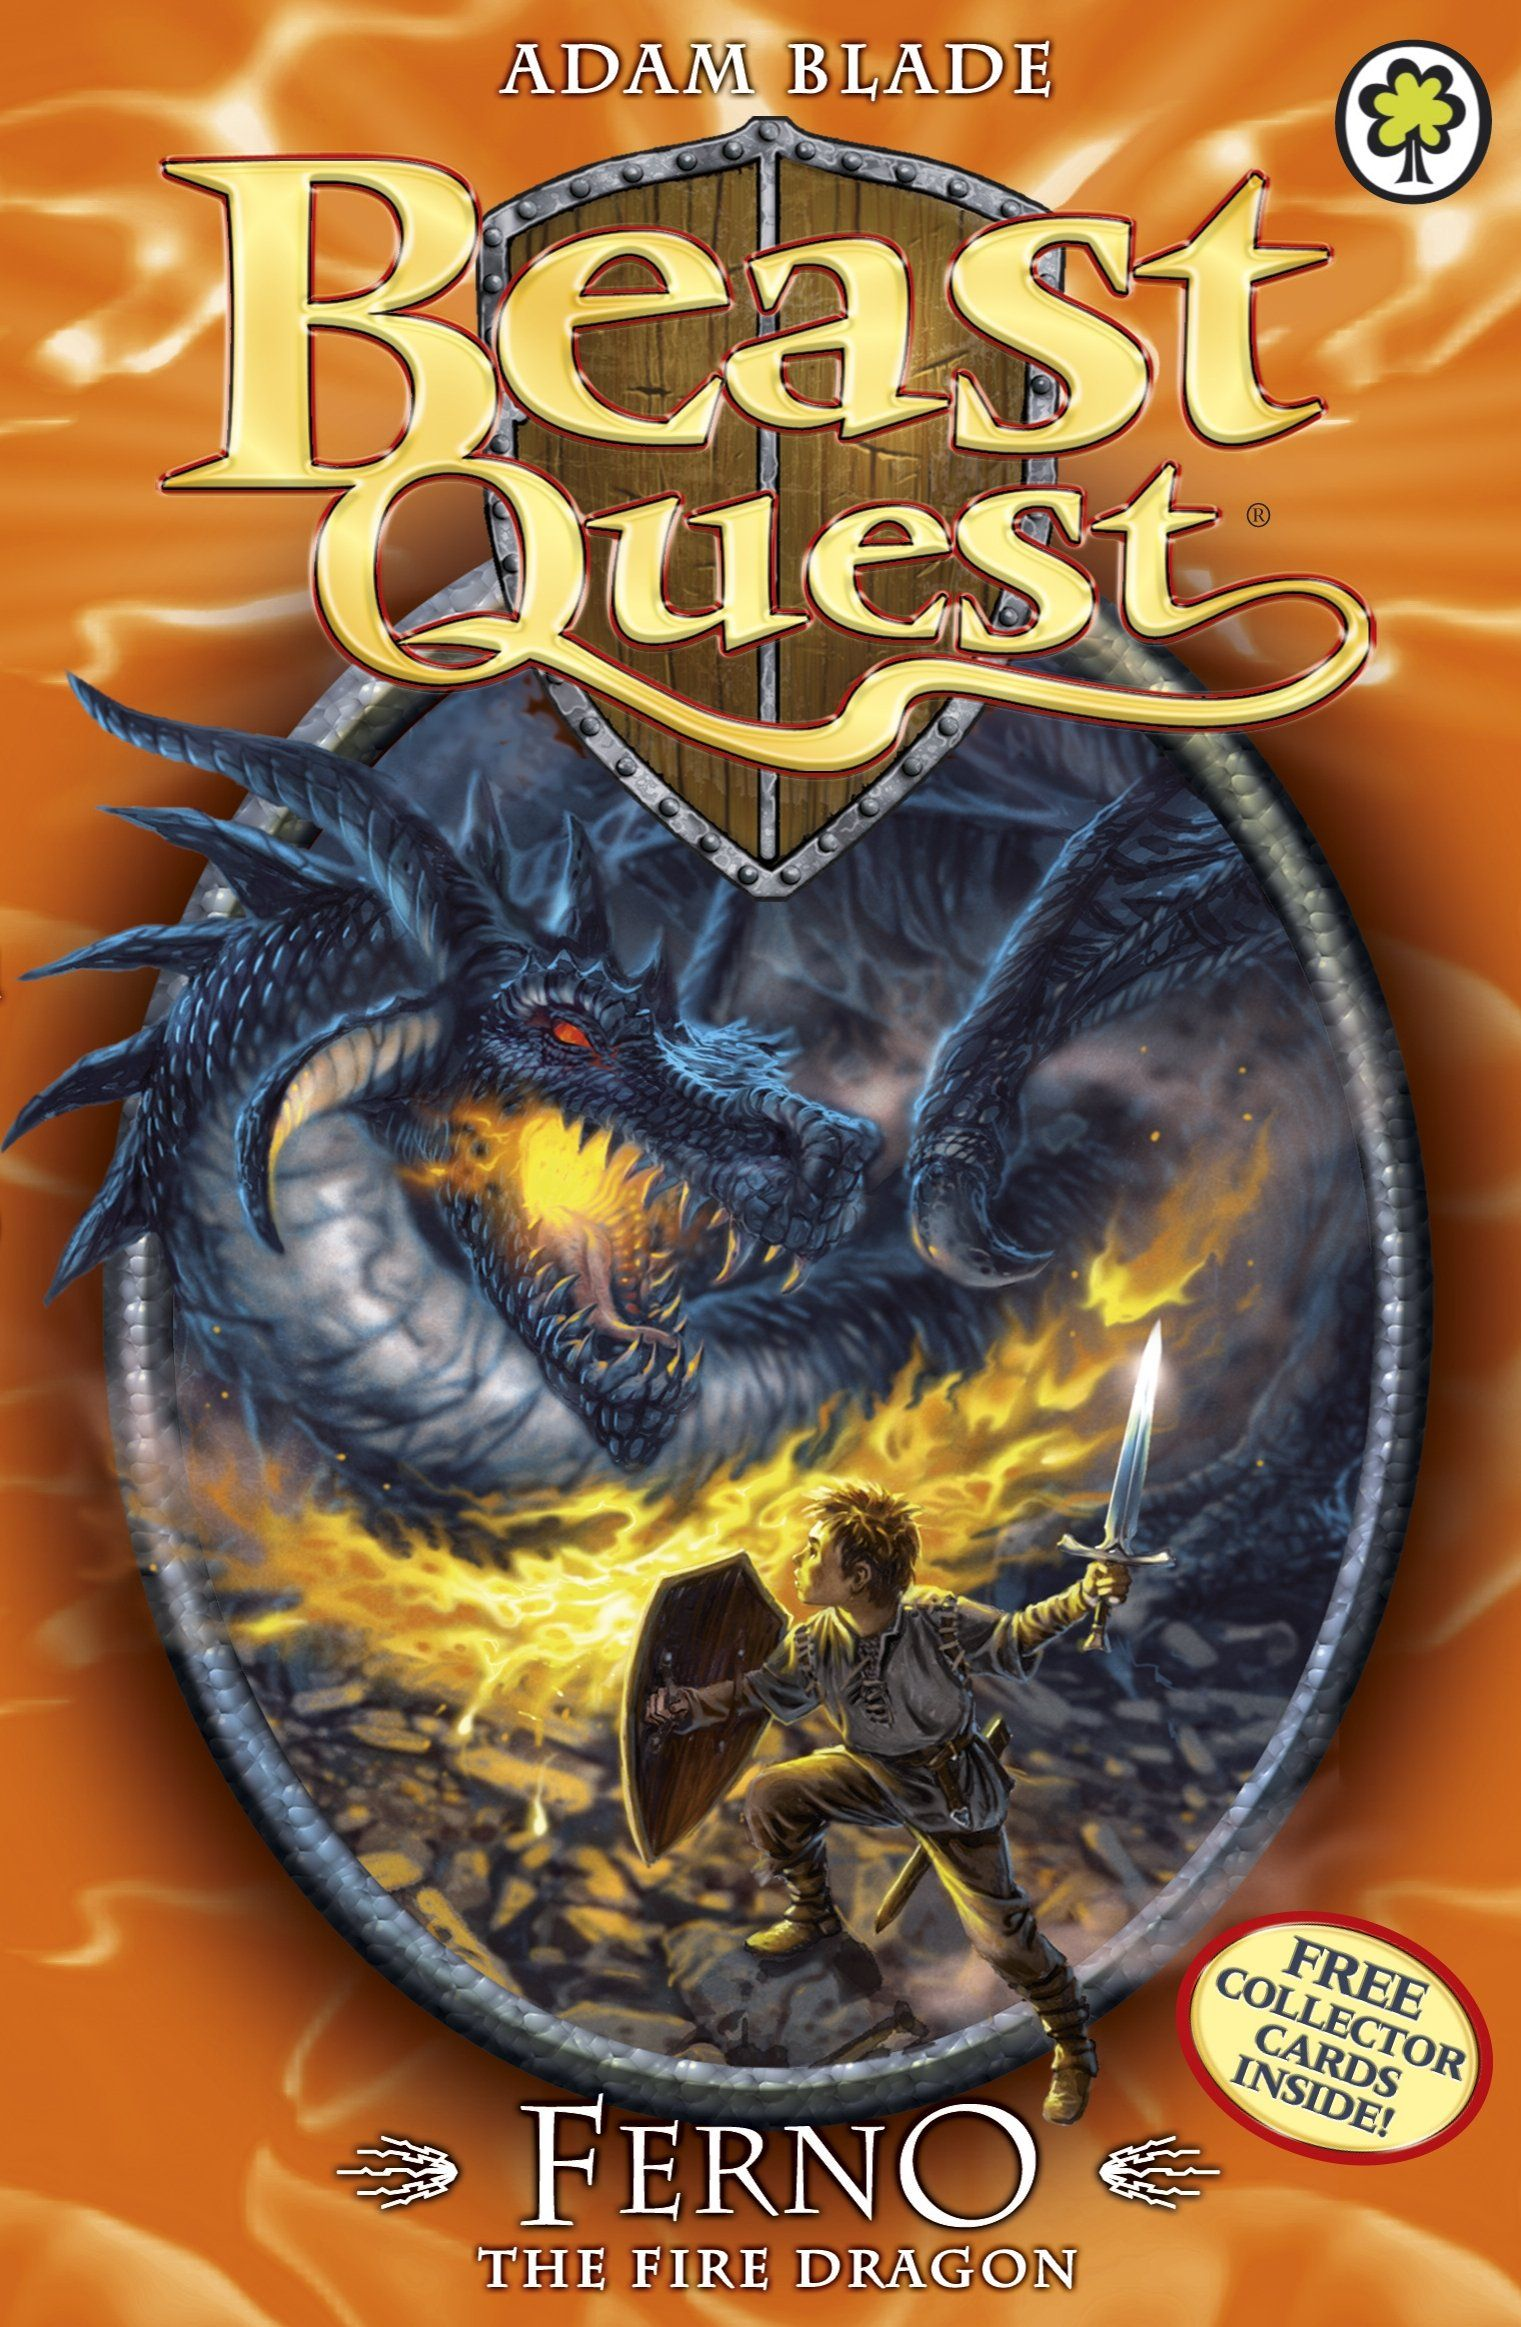 Beast Quest Series Adam Blade Kids Books Pinterest Books